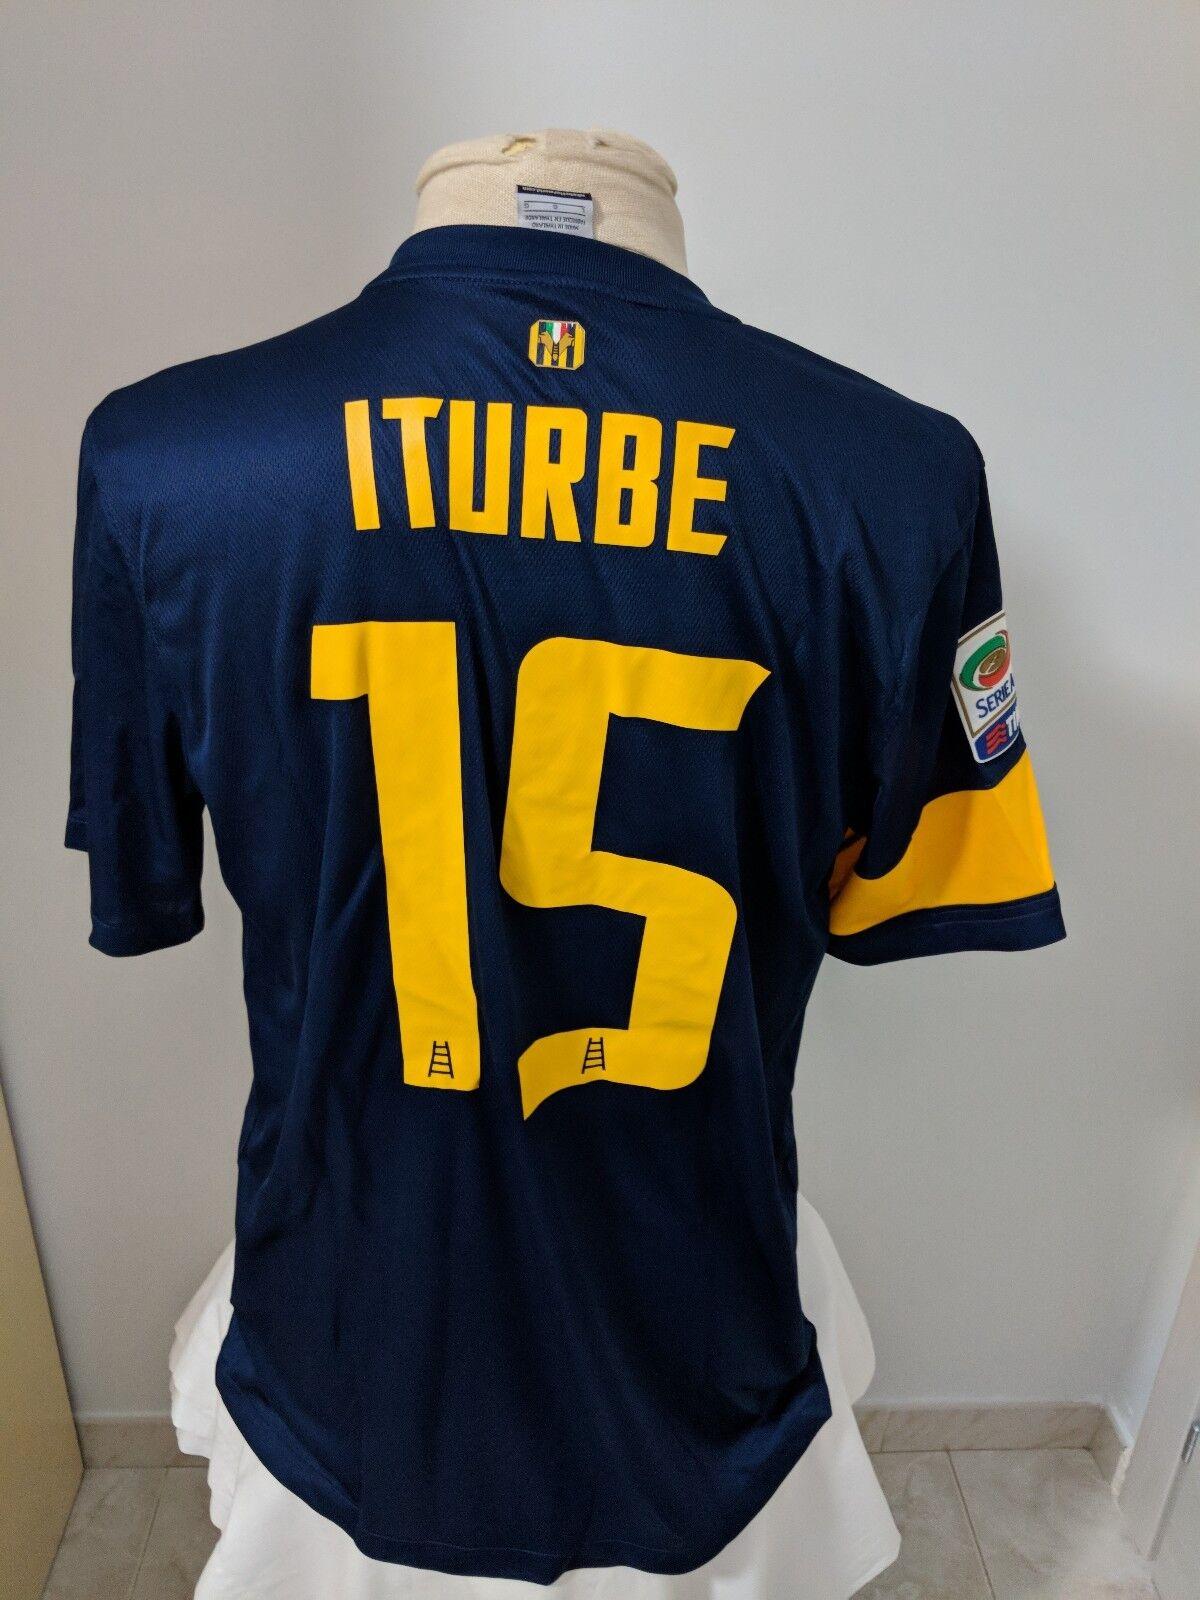 Soccer jersey Verona 2013 14 n 15 Iturbe match worn issued shirt shirt Paraguay